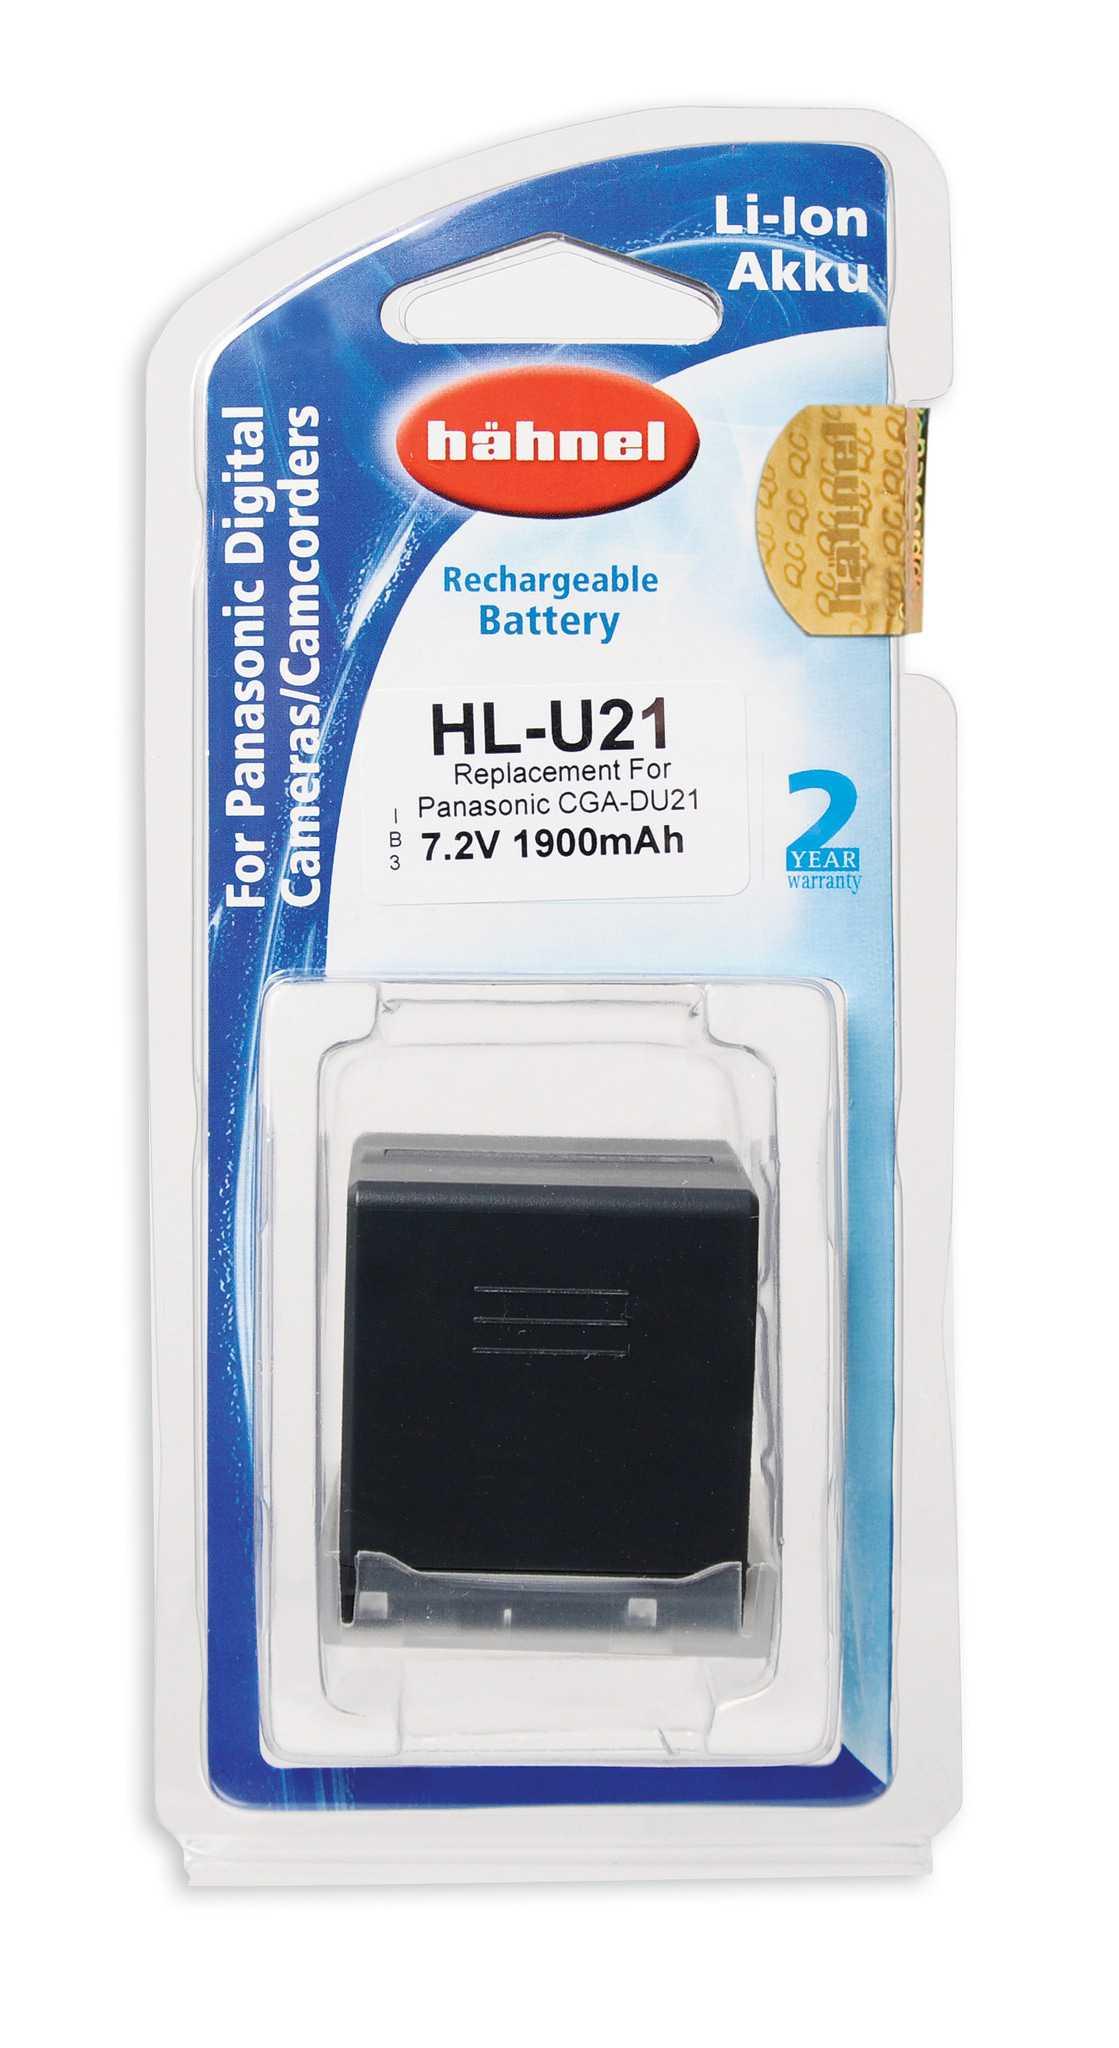 סוללה חלופית ל PANASONIC CGA-DU21